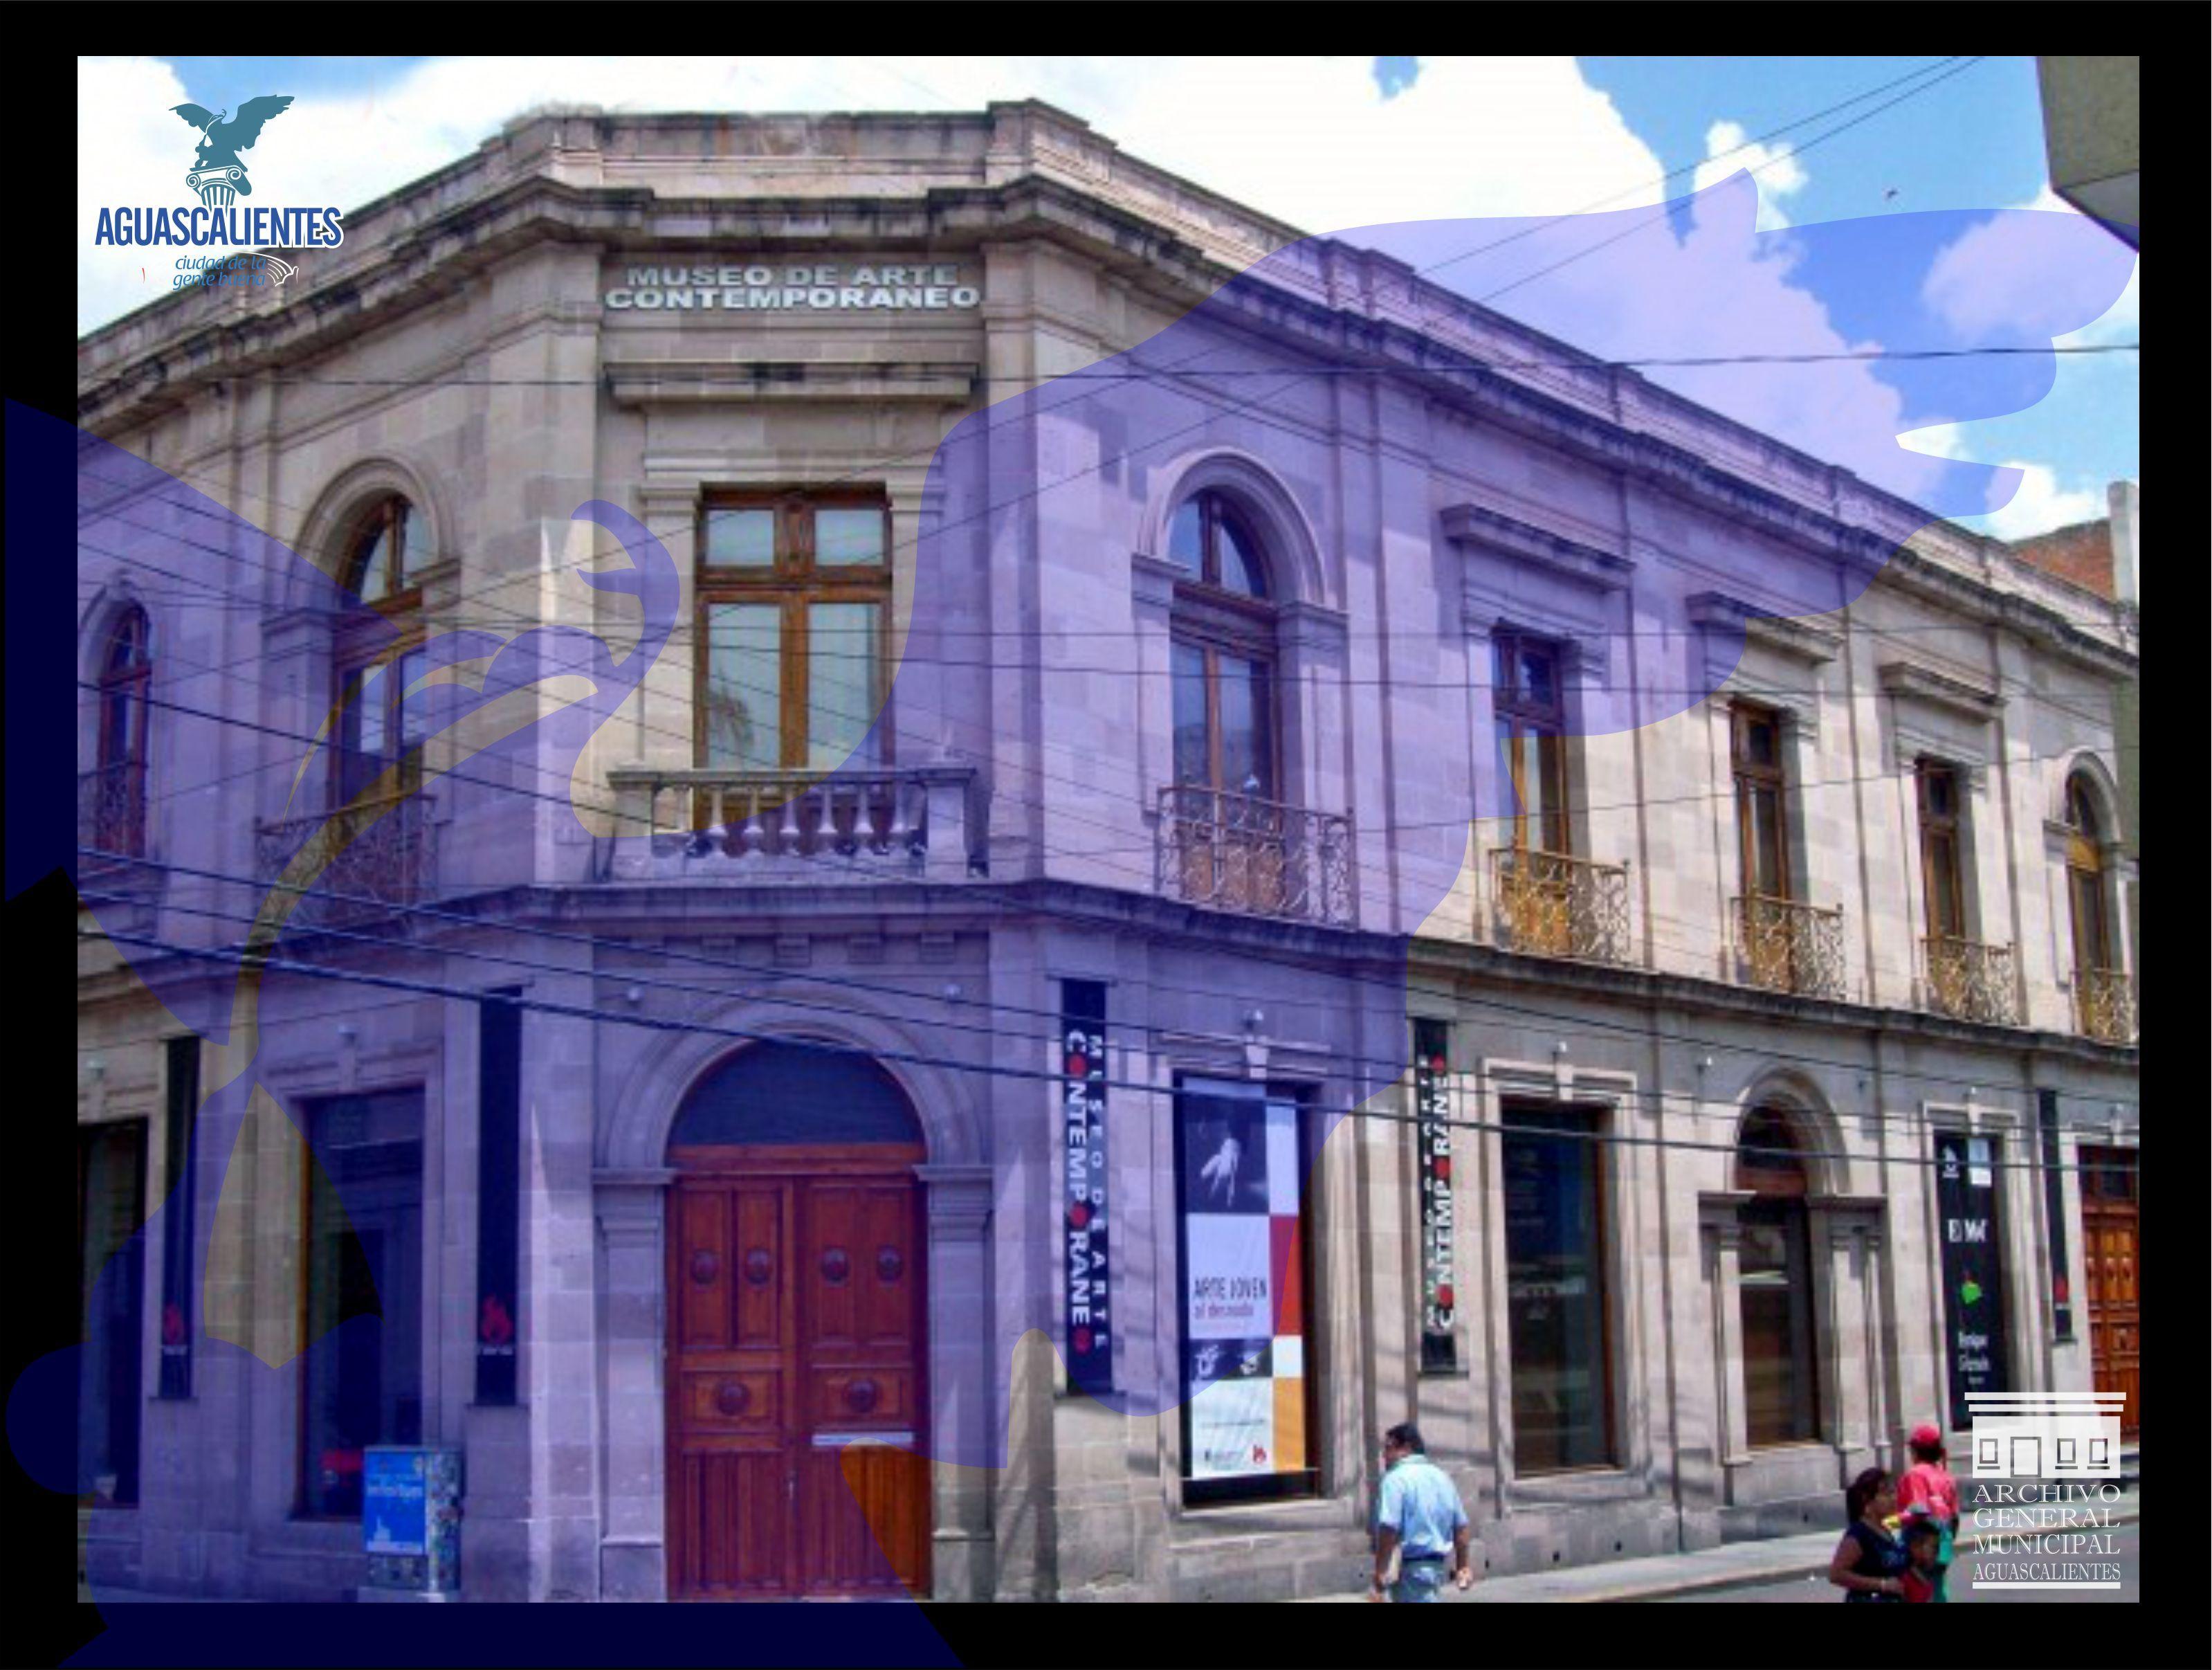 El 20 de abril de 1991 se inauguró el Museo de Arte contemporáneo de Aguascalientes, con el acervo de los Premios Nacionales de Arte Joven: en 1998 se volvió Galería de Arte Contemporáneo.